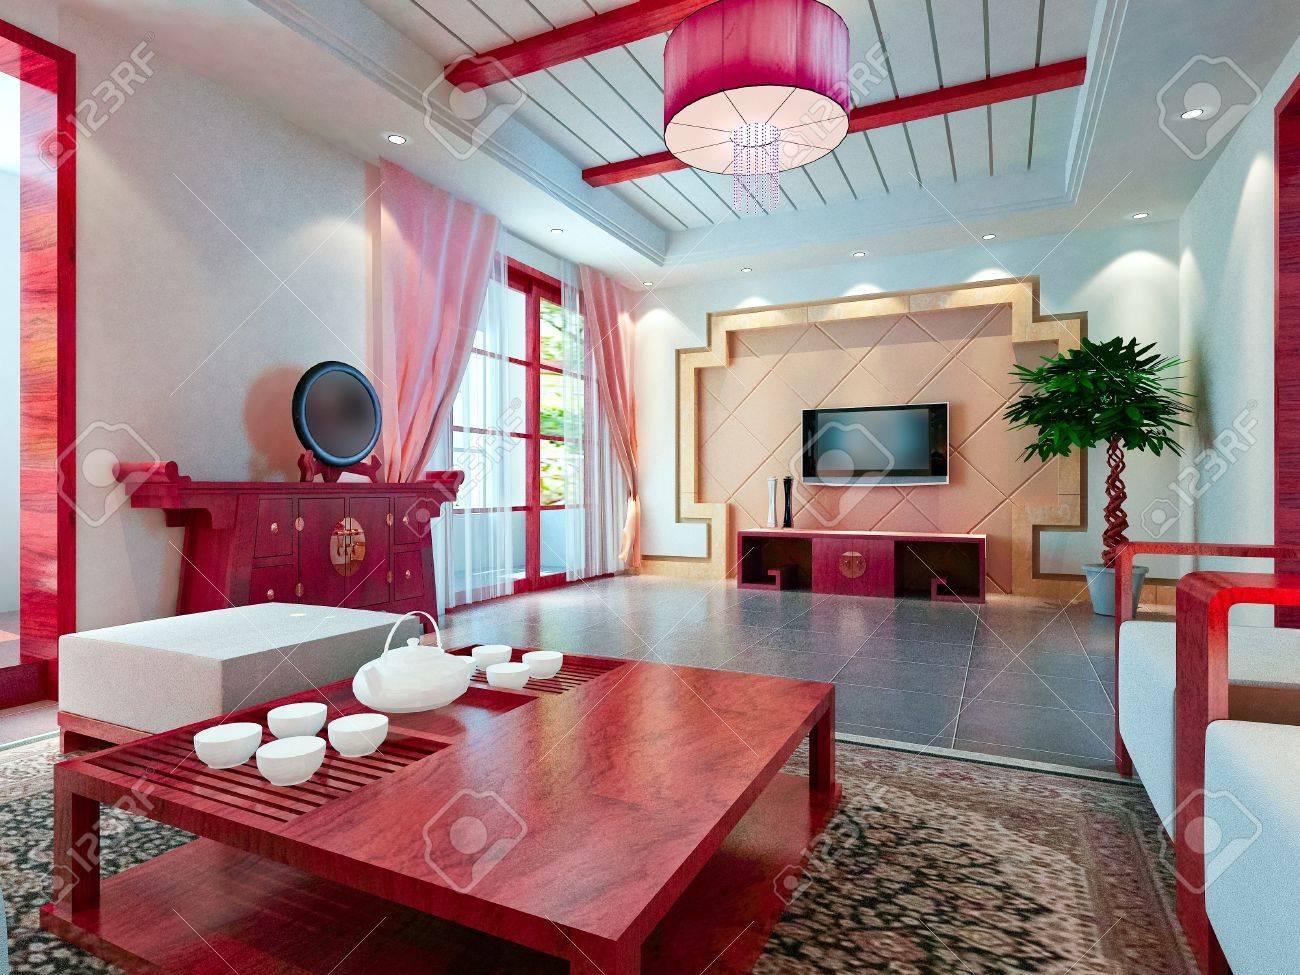 Modernes Design Innenraum Wohnzimmer. 3D übertragen Lizenzfreie ...